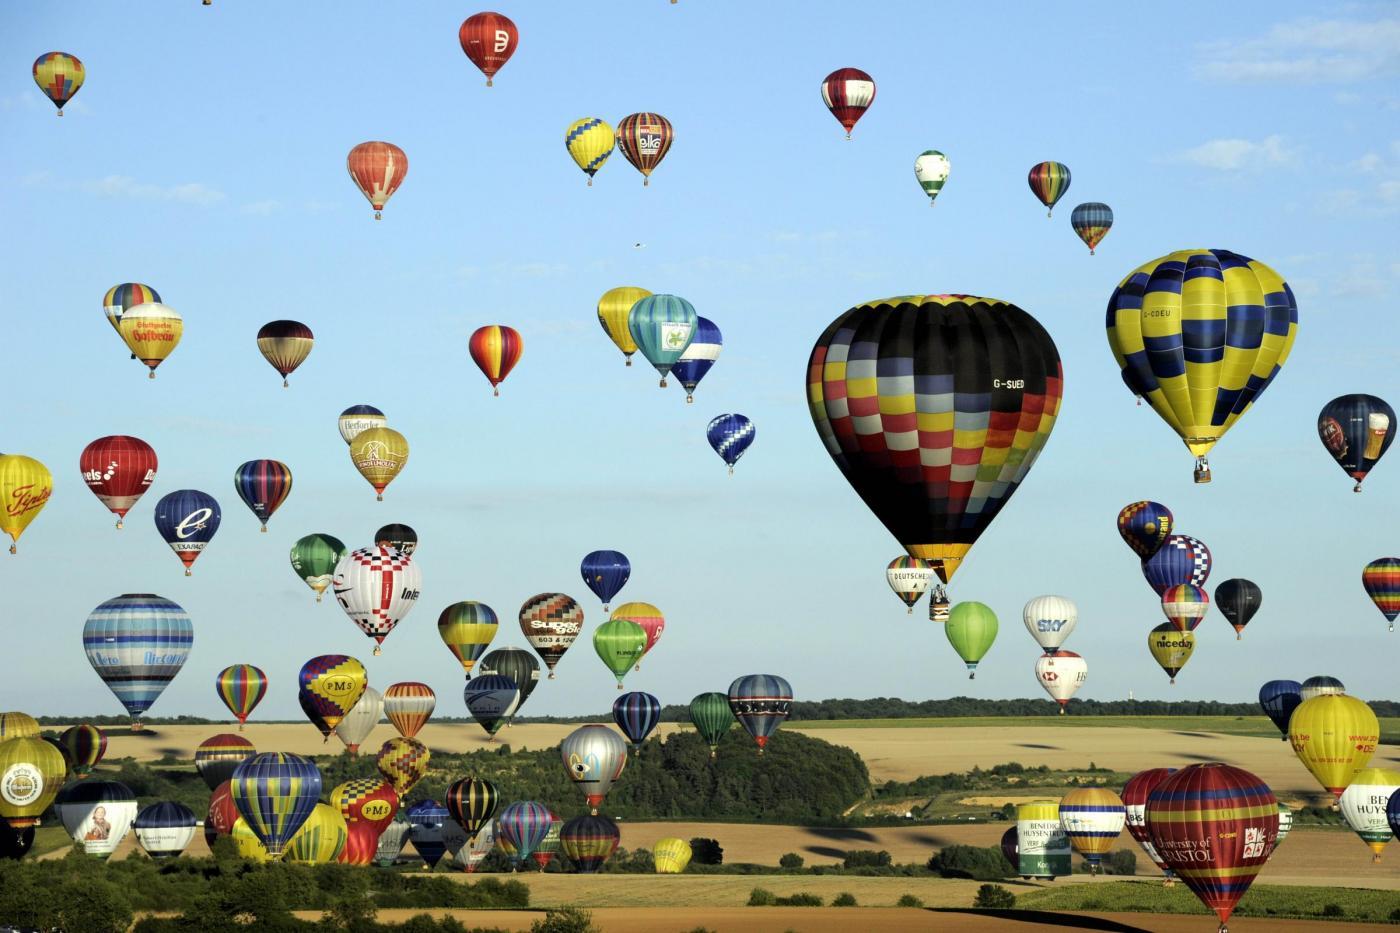 Festival delle mongolfiere: 400 palloni nel cielo della Francia (VIDEO)